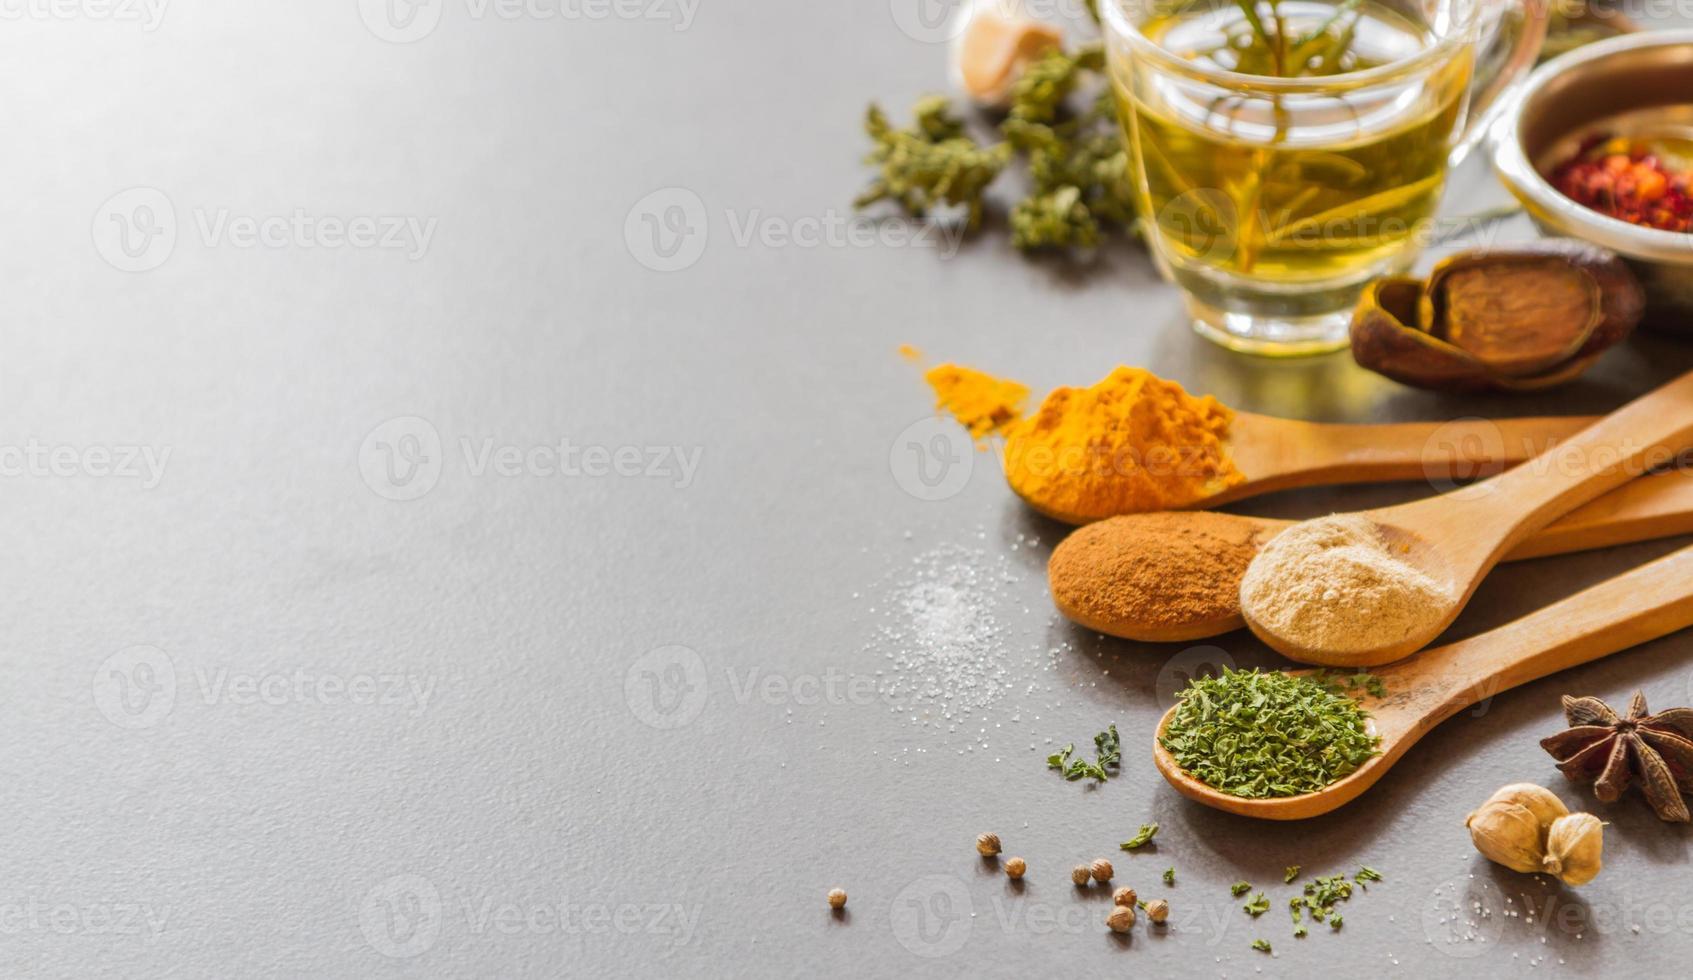 blanda kryddor och örtbakgrund. foto